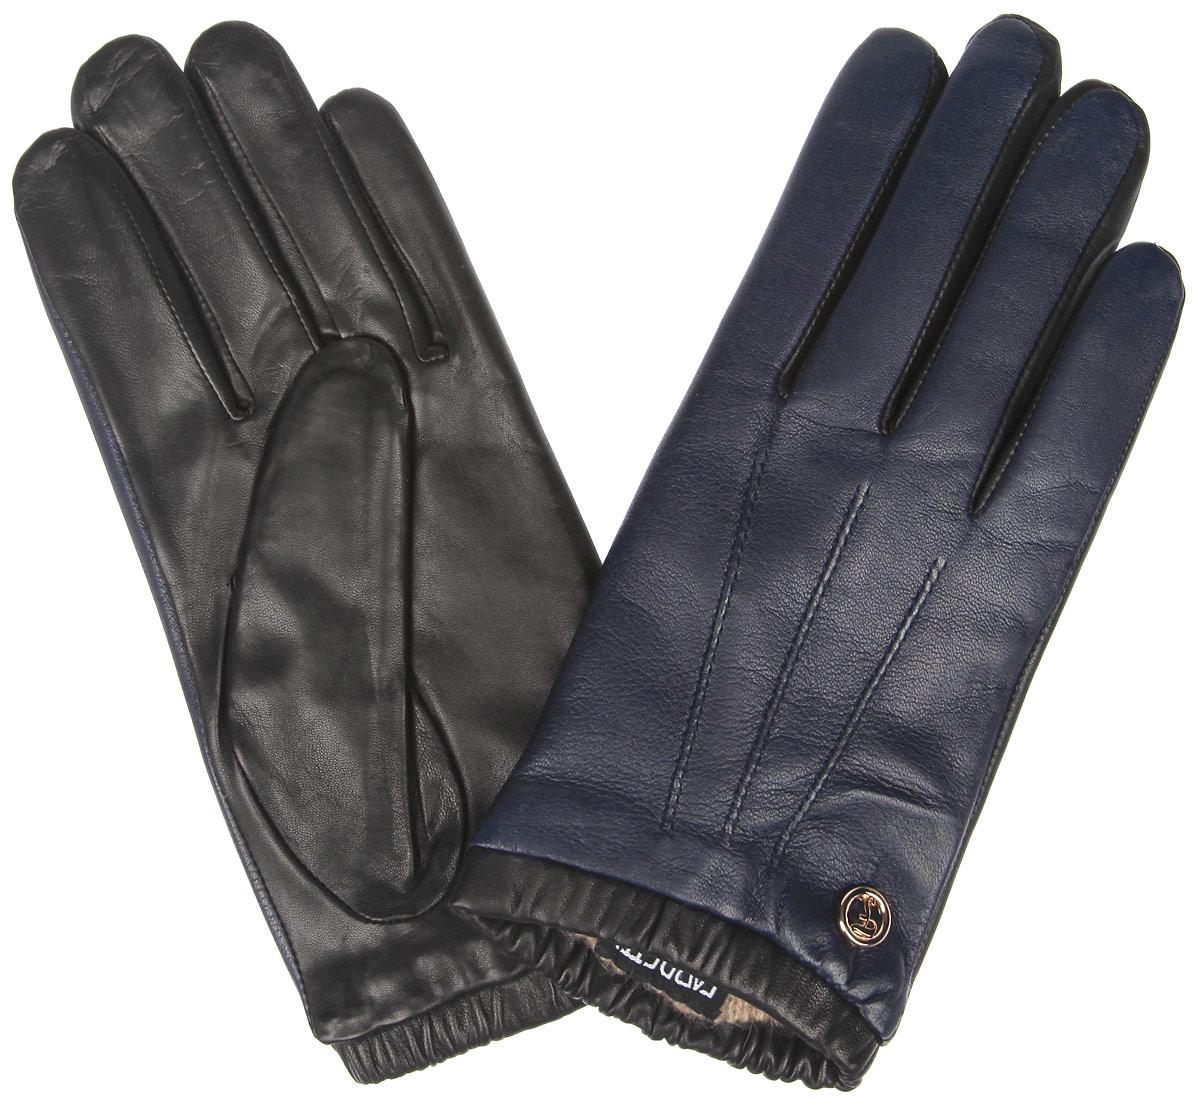 Перчатки женские. 2.292.29-12_navyЭлегантные женские перчатки Fabretti станут великолепным дополнением вашего образа и защитят ваши руки от холода и ветра во время прогулок. Перчатки выполнены из натуральной кожи ягненка и имеют подкладку из шерсти с добавлением кашемира, что позволяет им надежно сохранять тепло. Модель оснащена эластичной резинкой на запястье и оформлена декоративной отстрочкой с внешней стороны. Украшено изделие небольшим декоративным элементом с логотипом бренда. Такие перчатки будут оригинальным завершающим штрихом в создании современного модного образа, они подчеркнут ваш изысканный вкус и станут незаменимым и практичным аксессуаром.